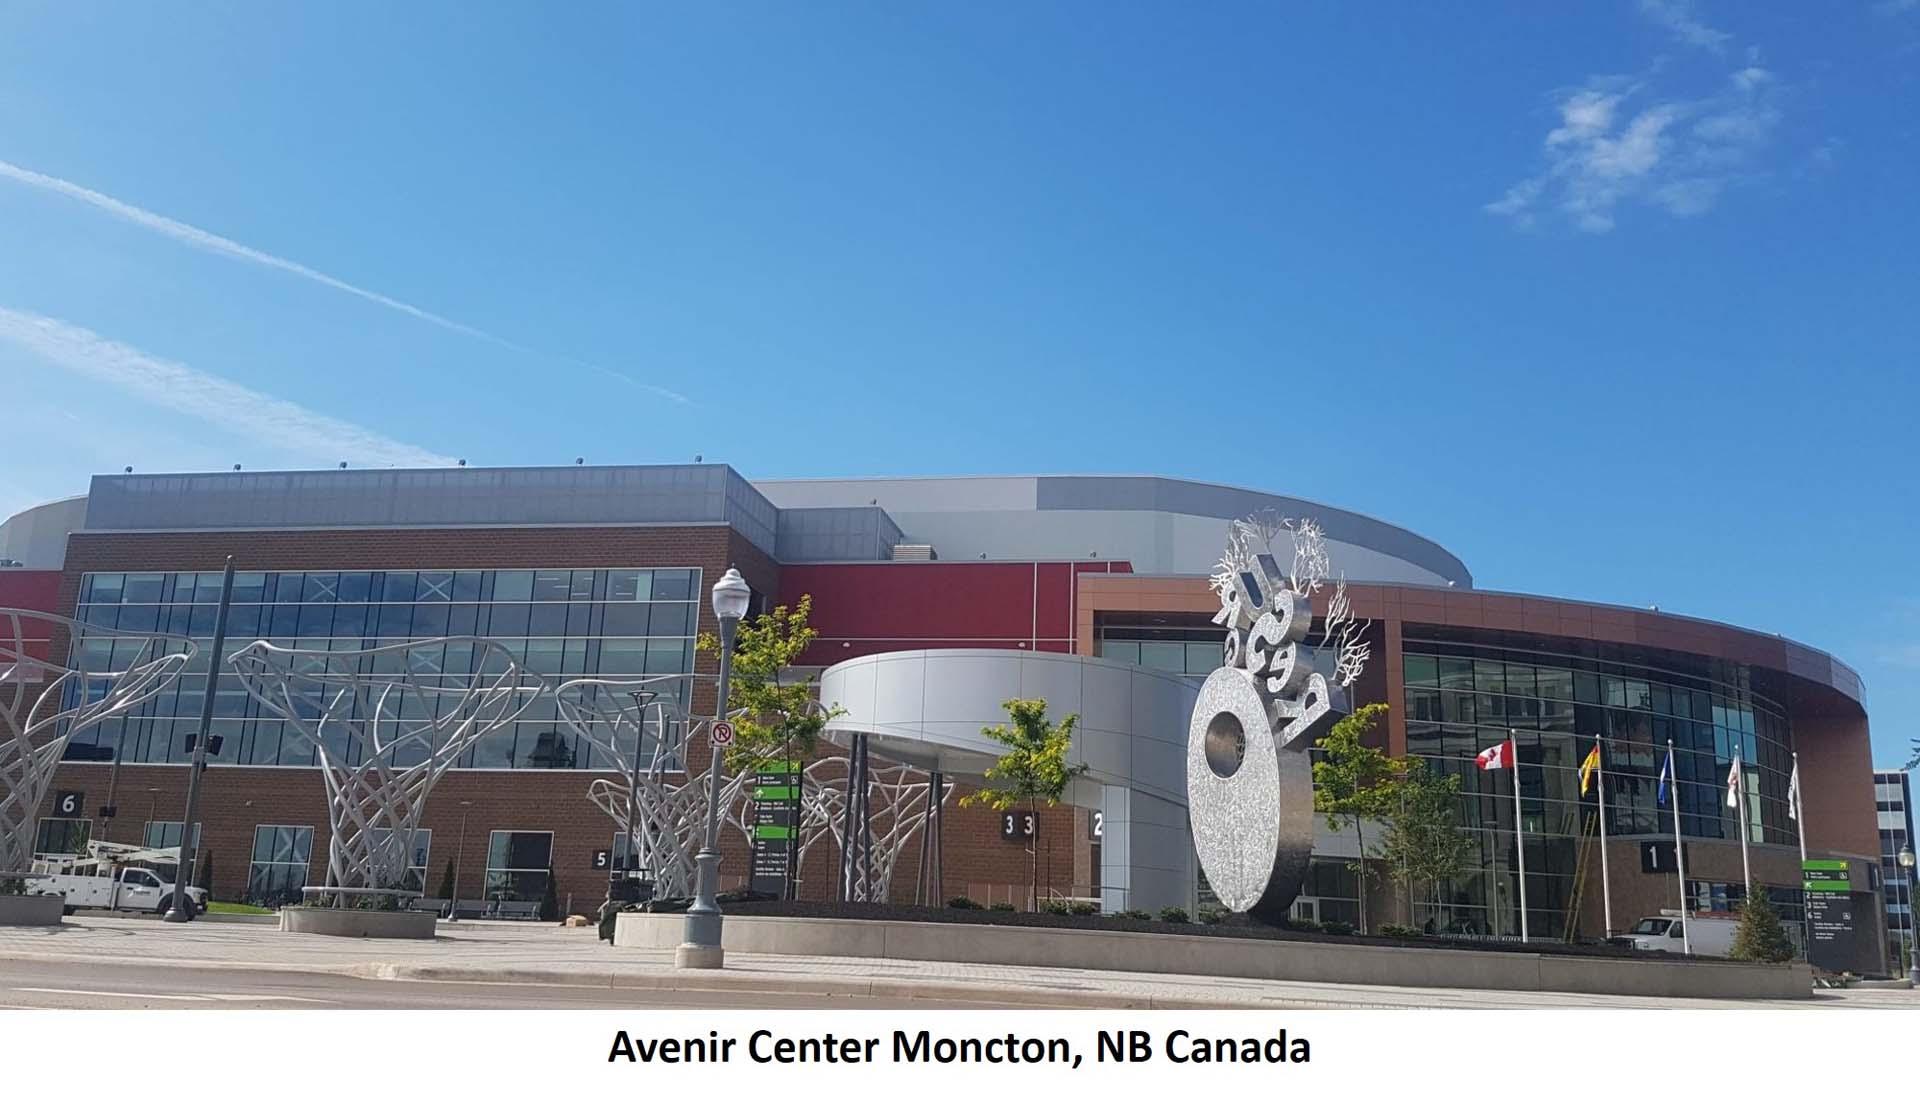 Avenir Center Moncton NB Canada